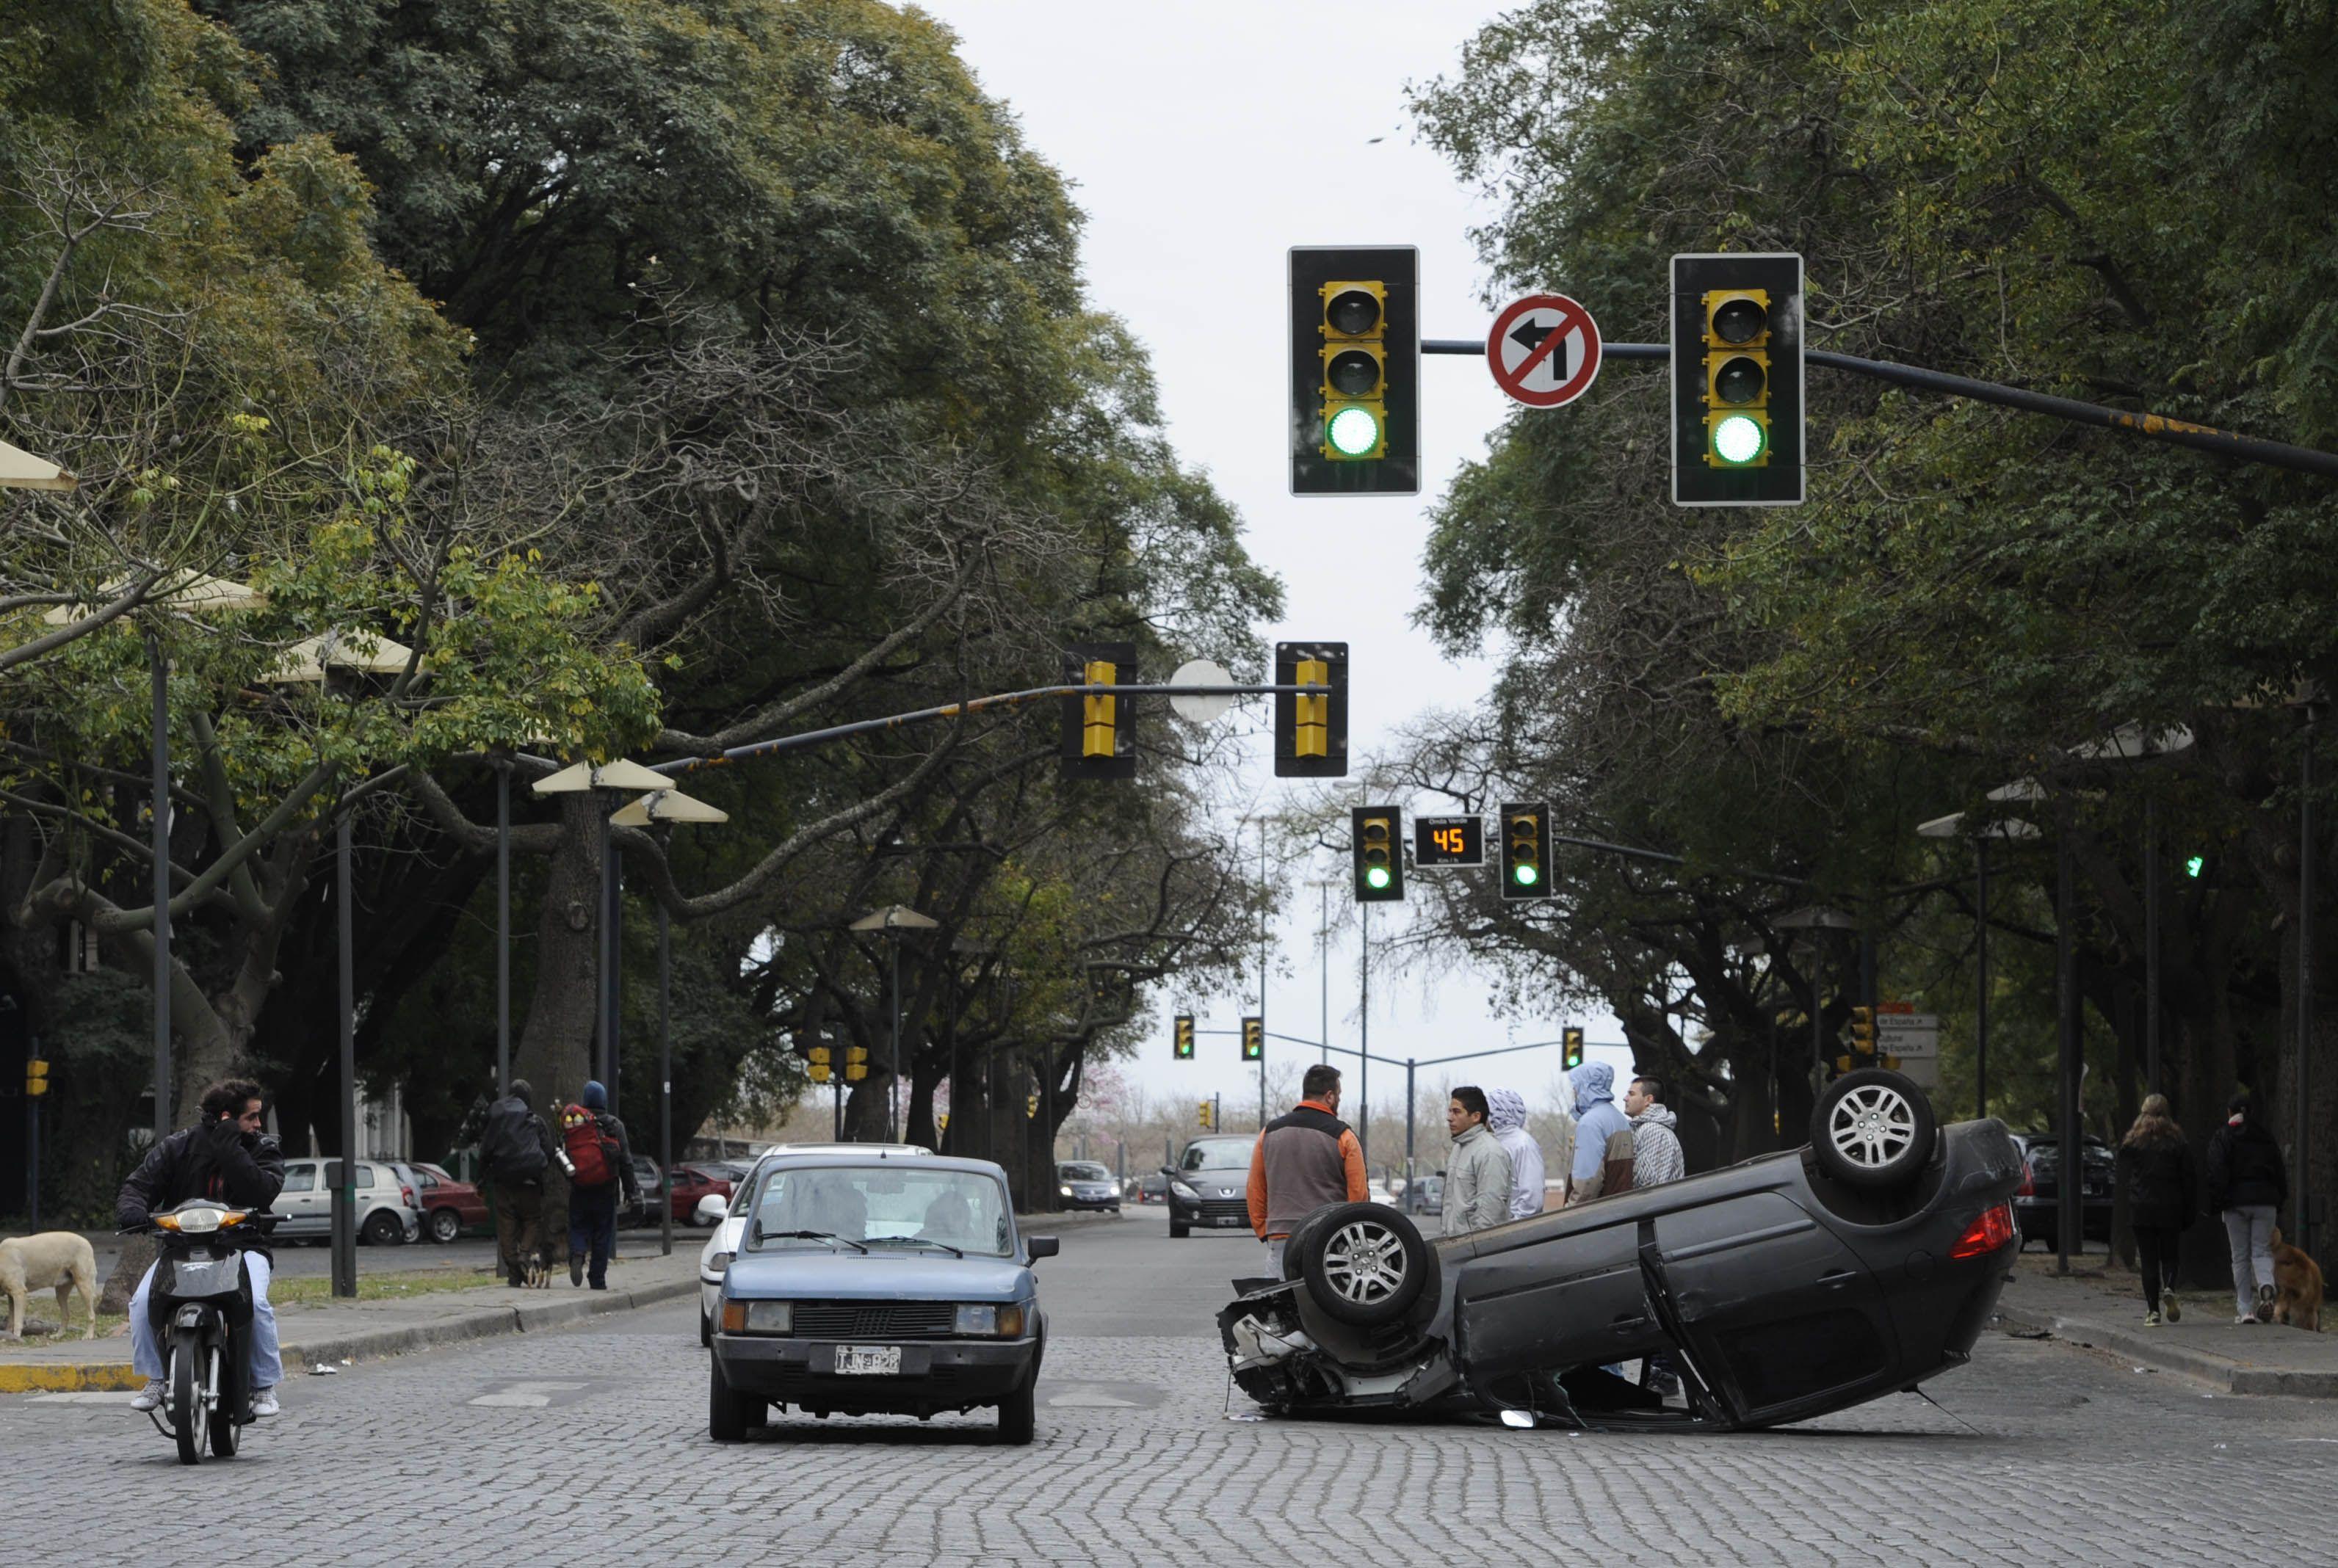 Así quedó uno de los automóviles. Los semáforos estaban en funcionamiento. (Foto: M. Bustamante)